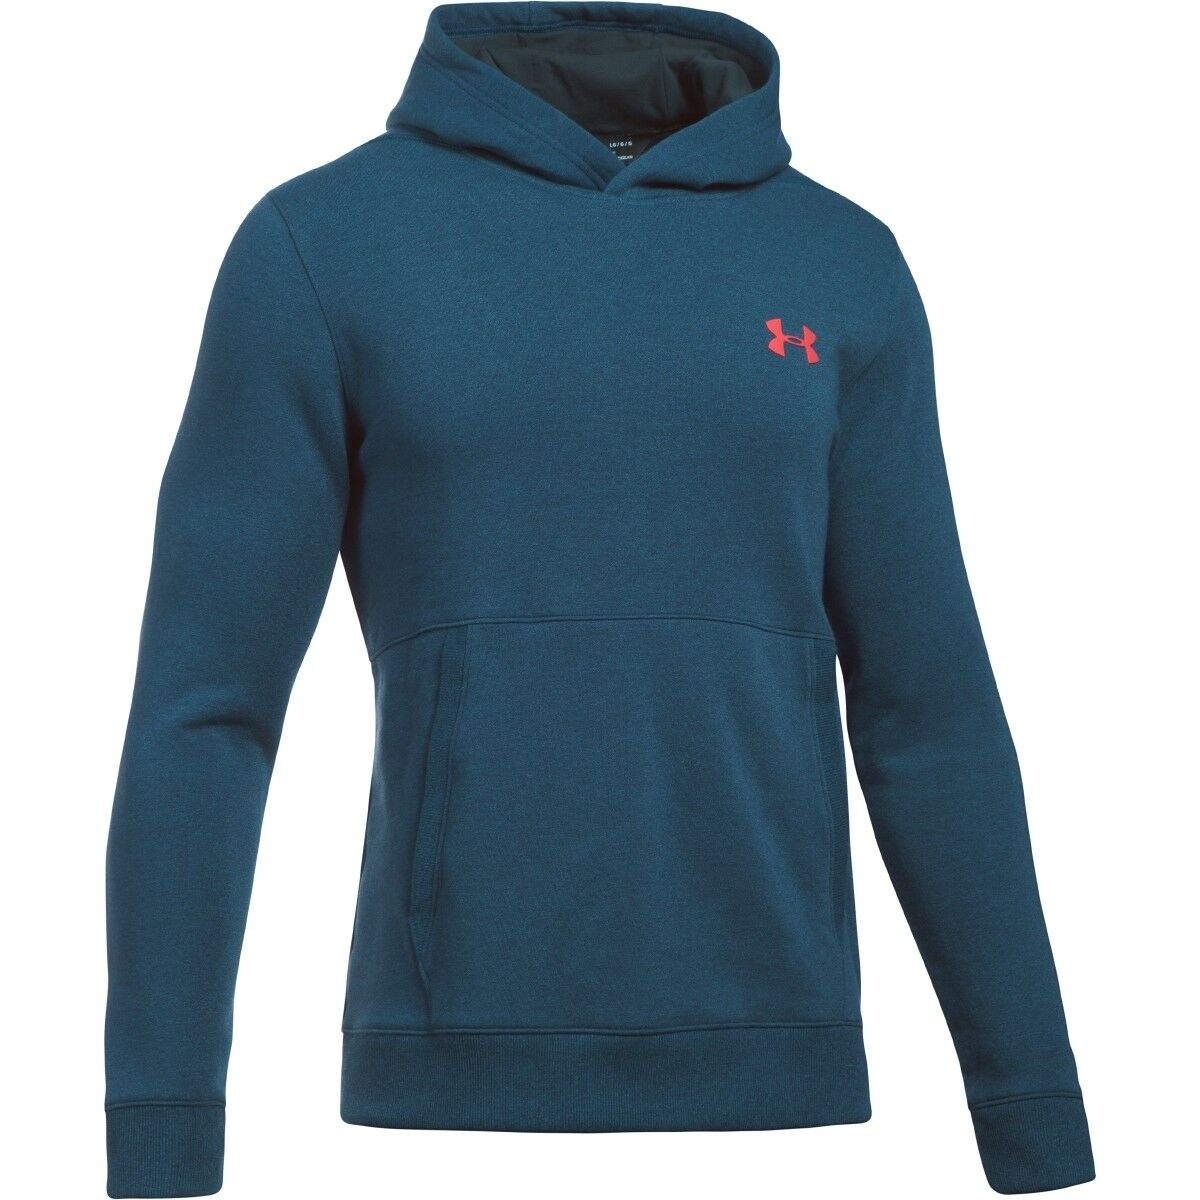 Under Armour Threadborne Fitted Fleece Hoodie Sweatshirt Pullover 1306551-918